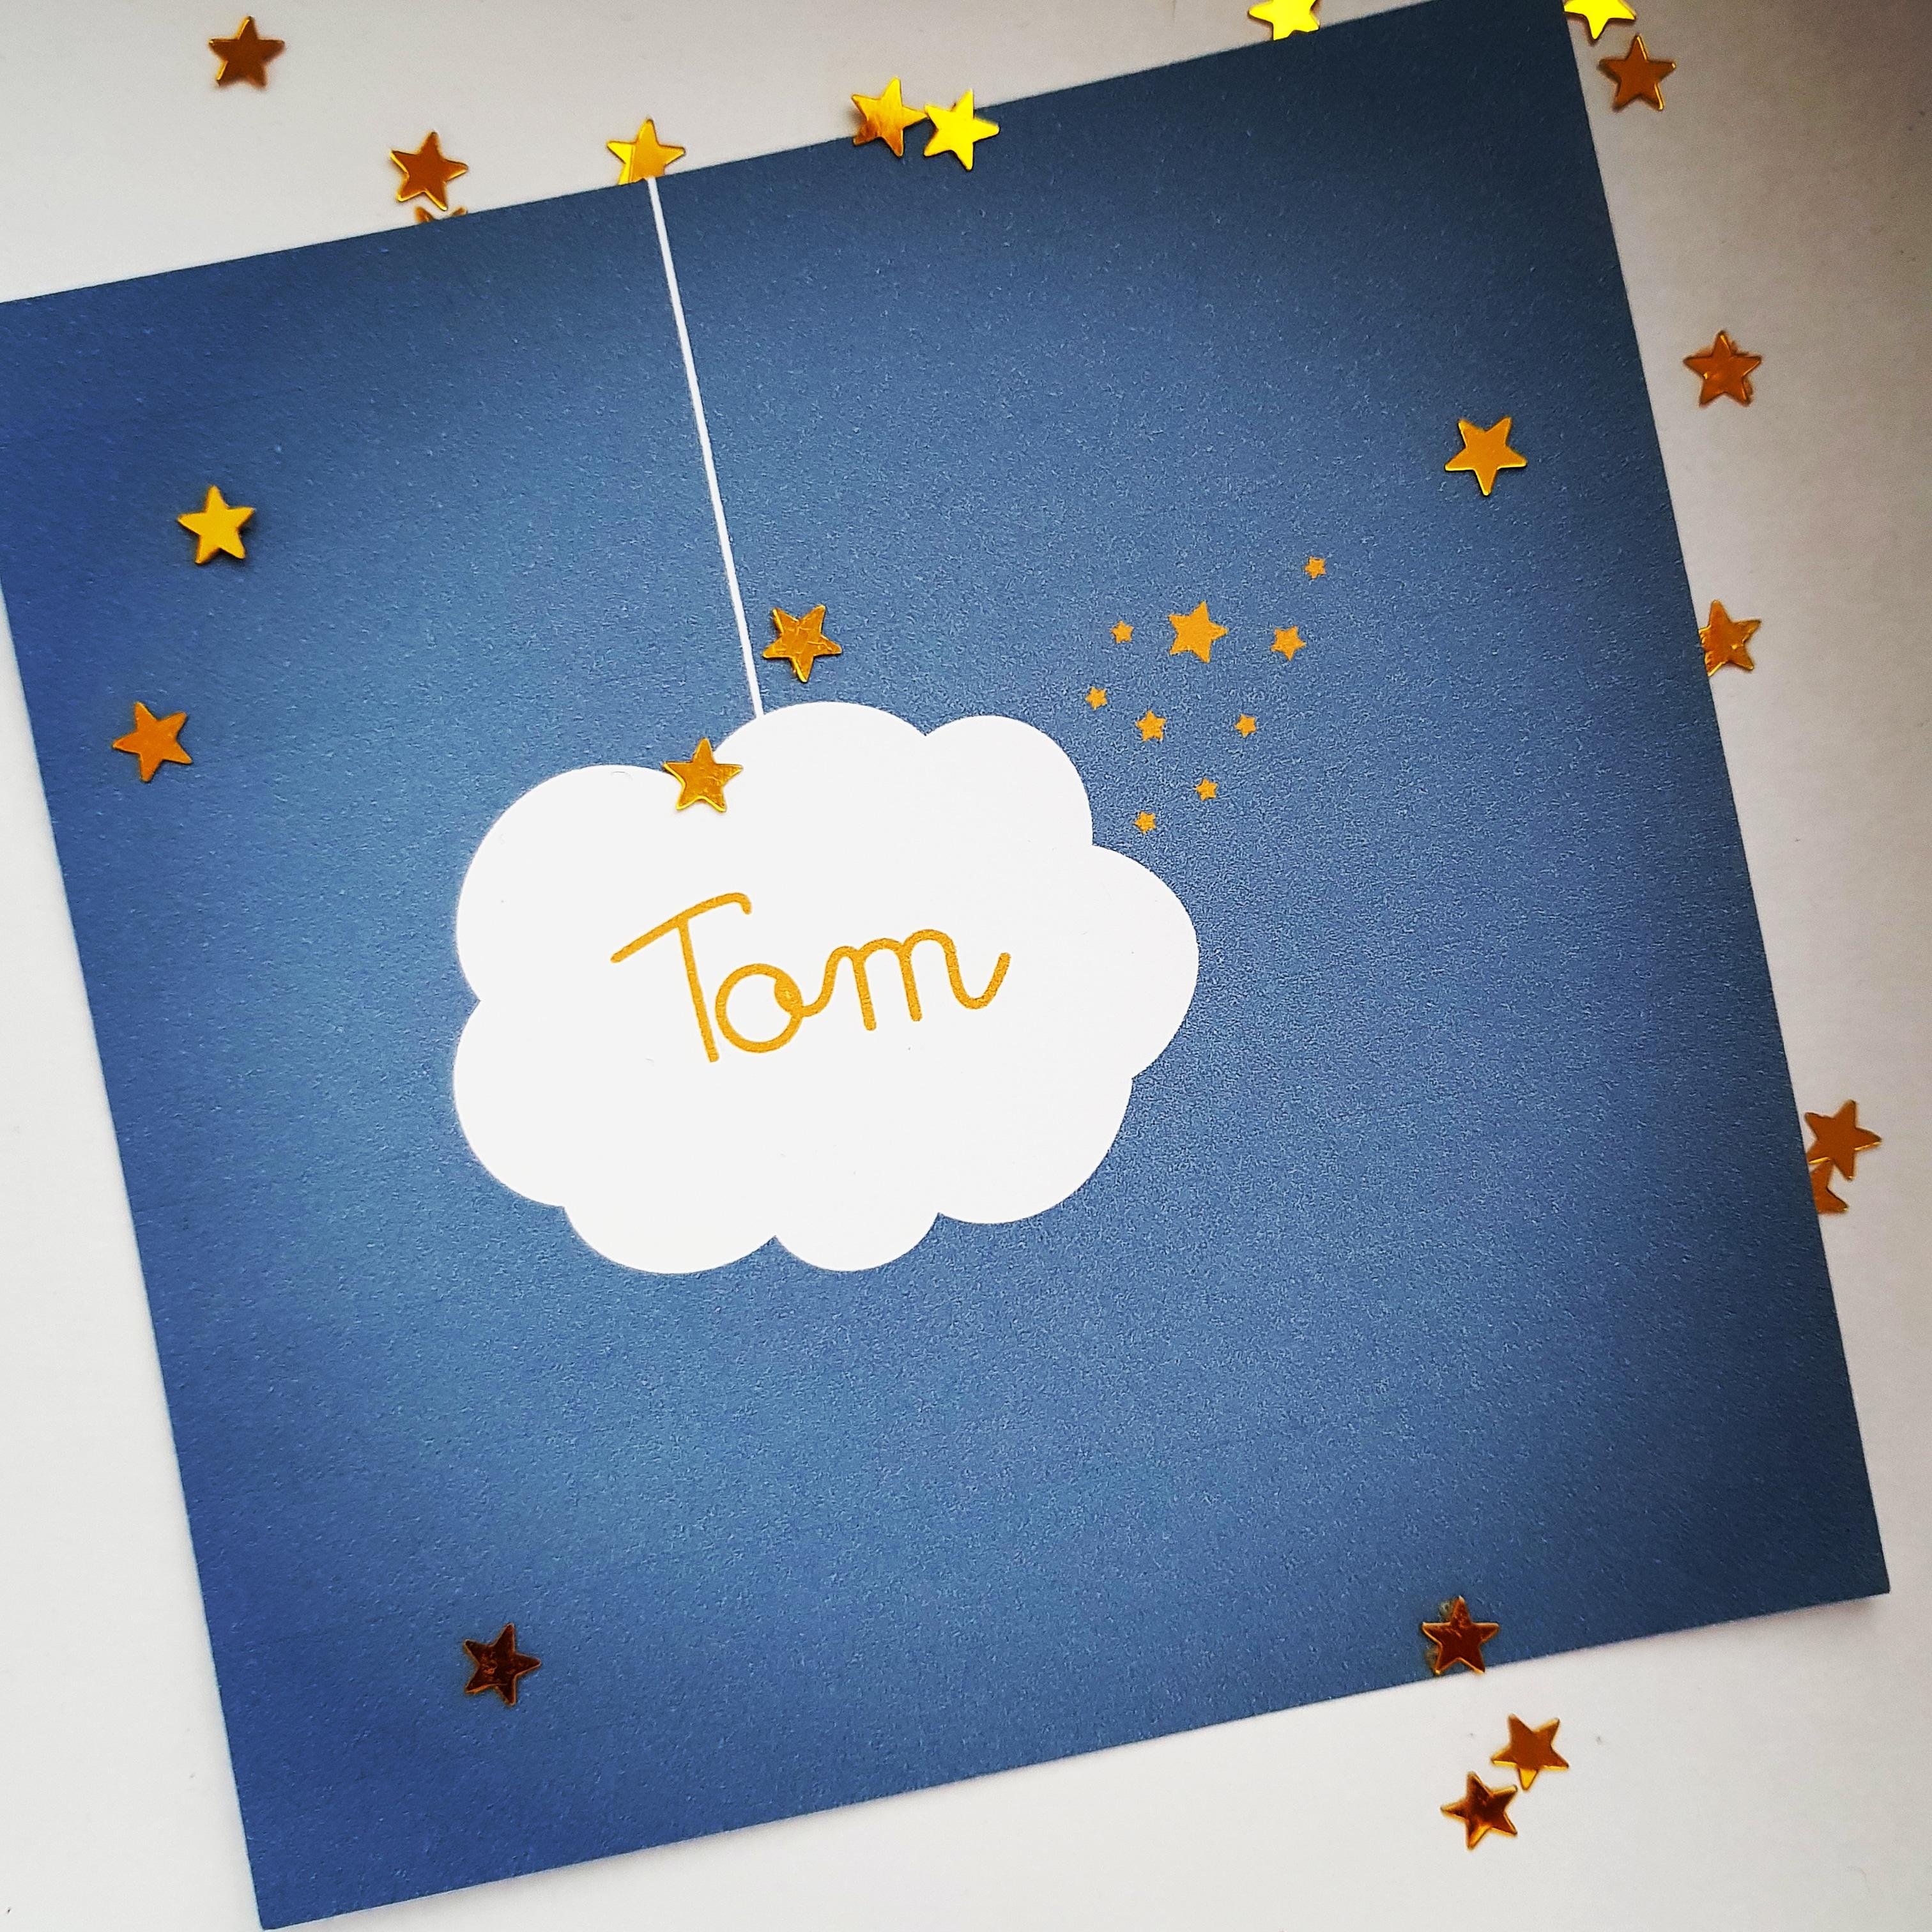 Graphiste-Montpellier-8, création-graphique-& Papeterie, papeterie-naissance, naissance, faire-part-personnalisable, faire-part, invitation, sur-mesure